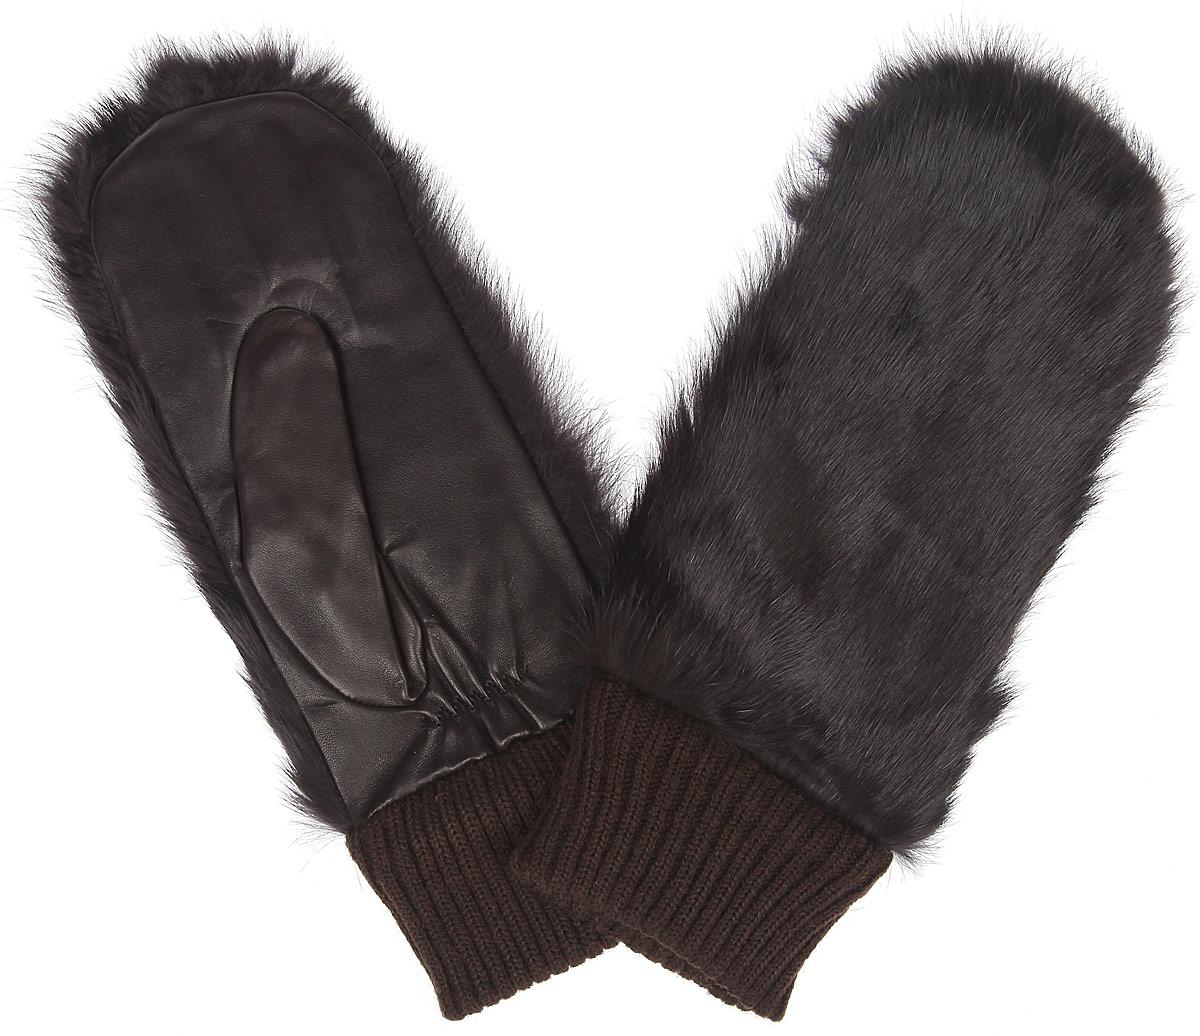 ВарежкиIS995Стильные женские варежки Eleganzza не только защитят ваши руки от холода, но и станут великолепным украшением. Ладонная часть модели выполнена из натуральной кожи с гладкой поверхностью, тыльная сторона - из натурального меха кролика. Подкладка в форме перчатки выполнена из натуральной шерсти. Широкая резинка на запястье препятствует проникновению холодного воздуха. Вместе с этим аксессуаром вы обретаете женственность и элегантность. Варежки Eleganzza станут завершающим и подчеркивающим элементом вашего стиля и неповторимости.